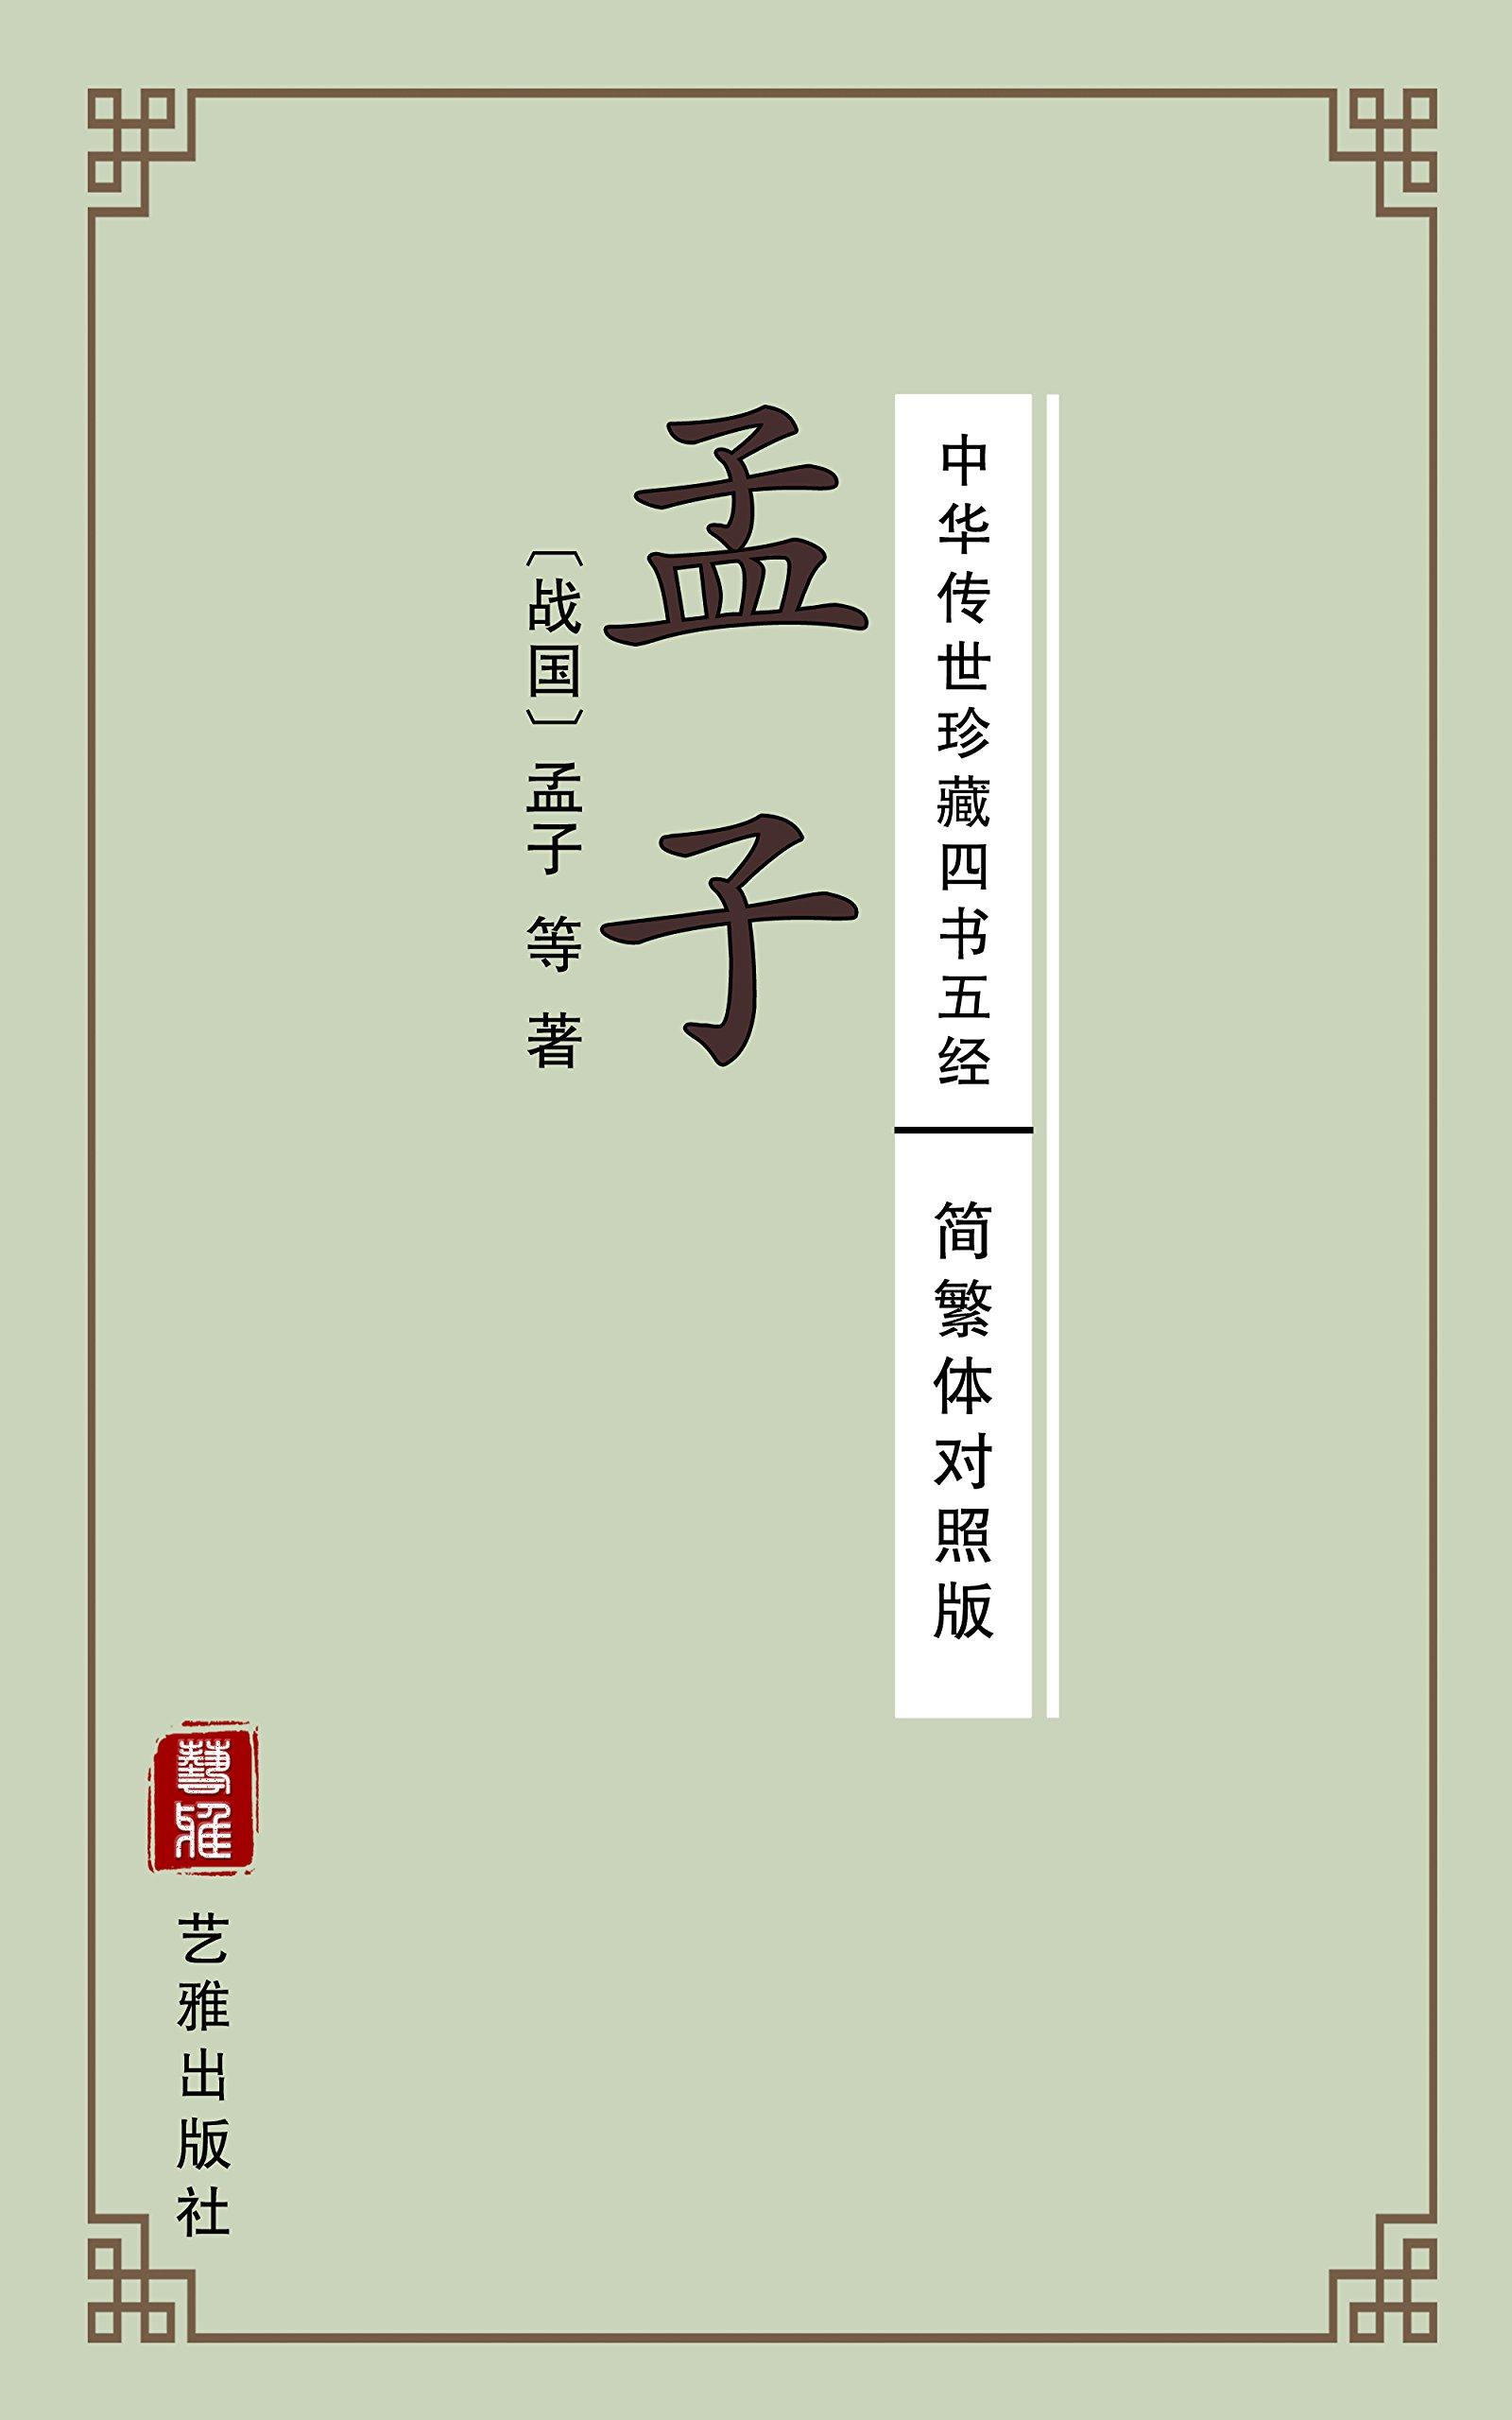 孟子(简繁体对照版)--中华传世珍藏四书五经: 与《论语》一脉相承的儒家经典著作 (Chinese Edition)